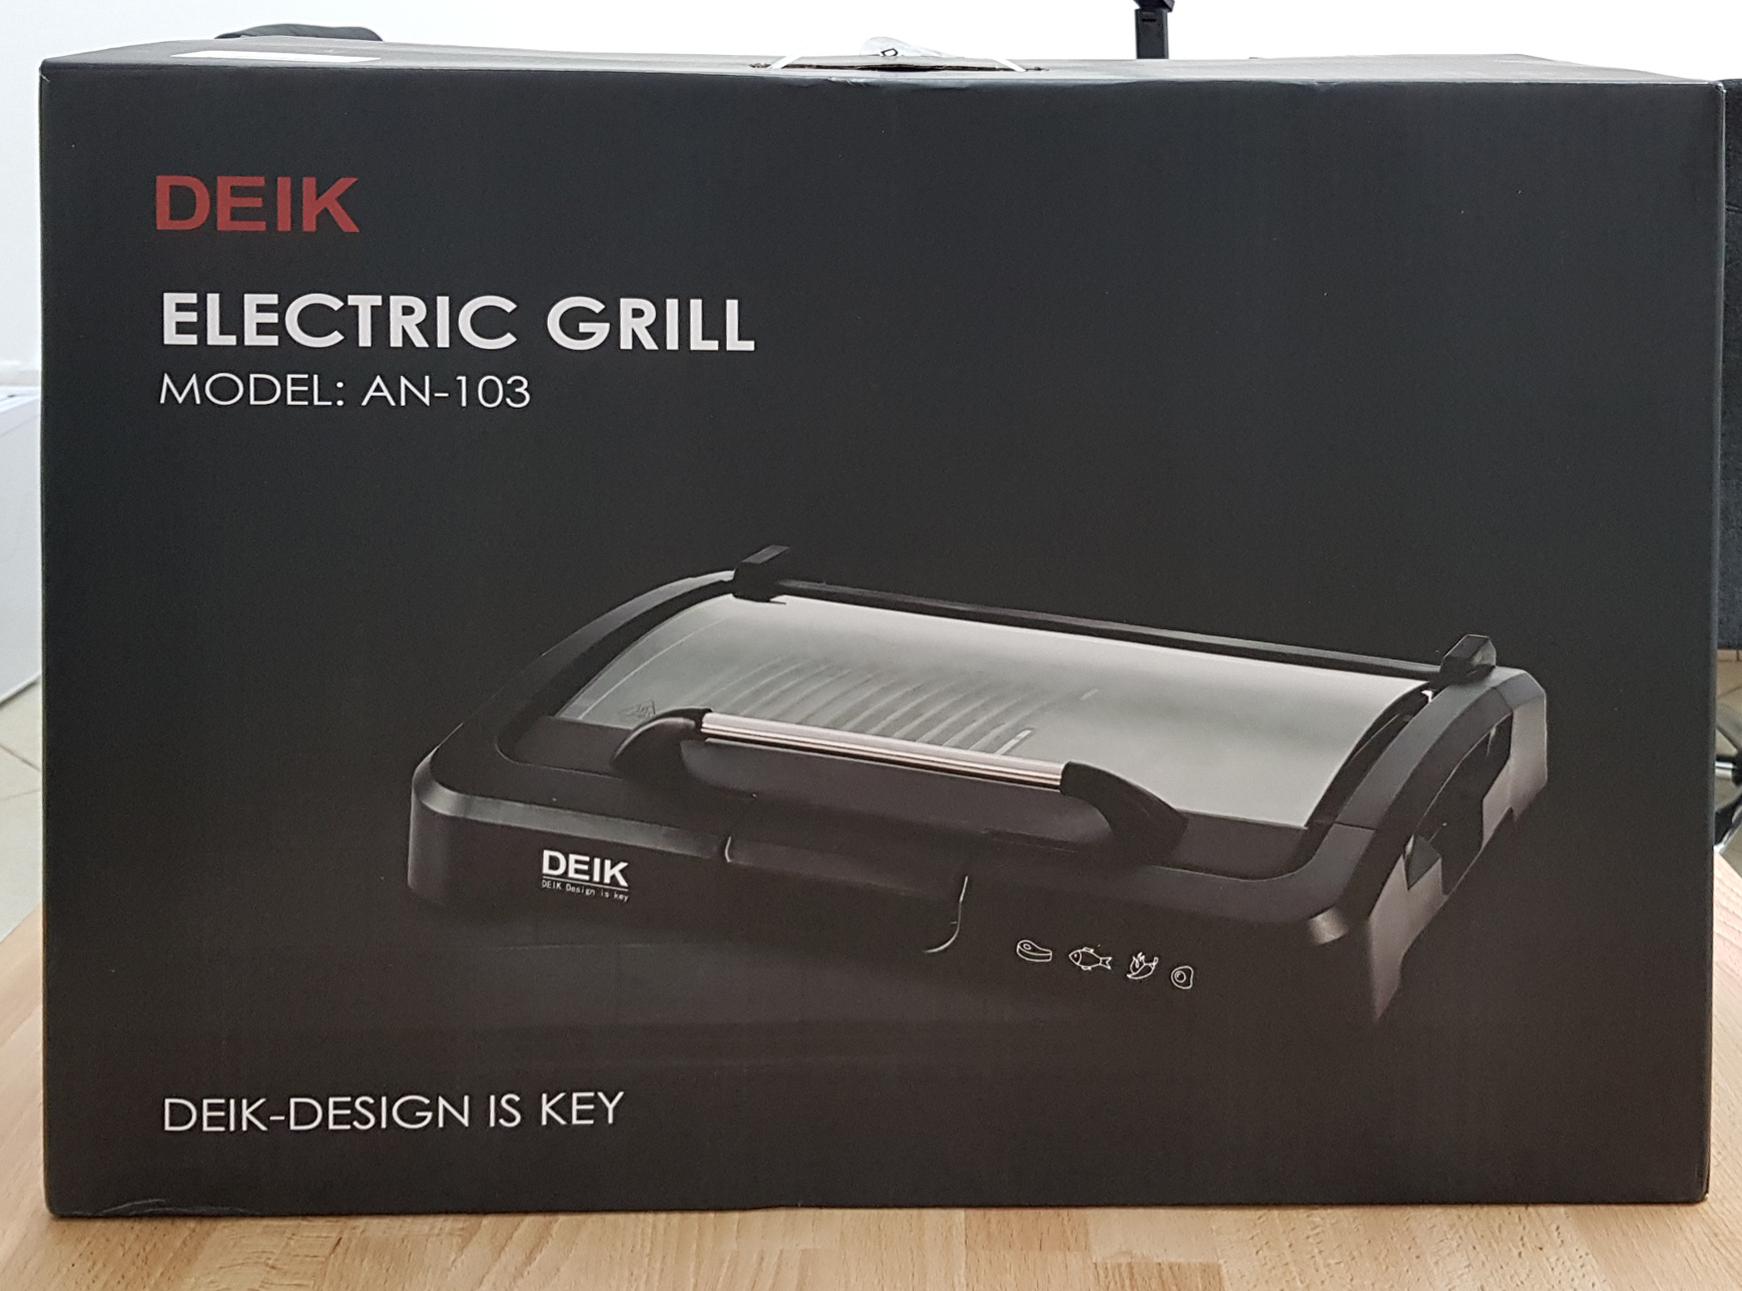 barbecue elettrico deik